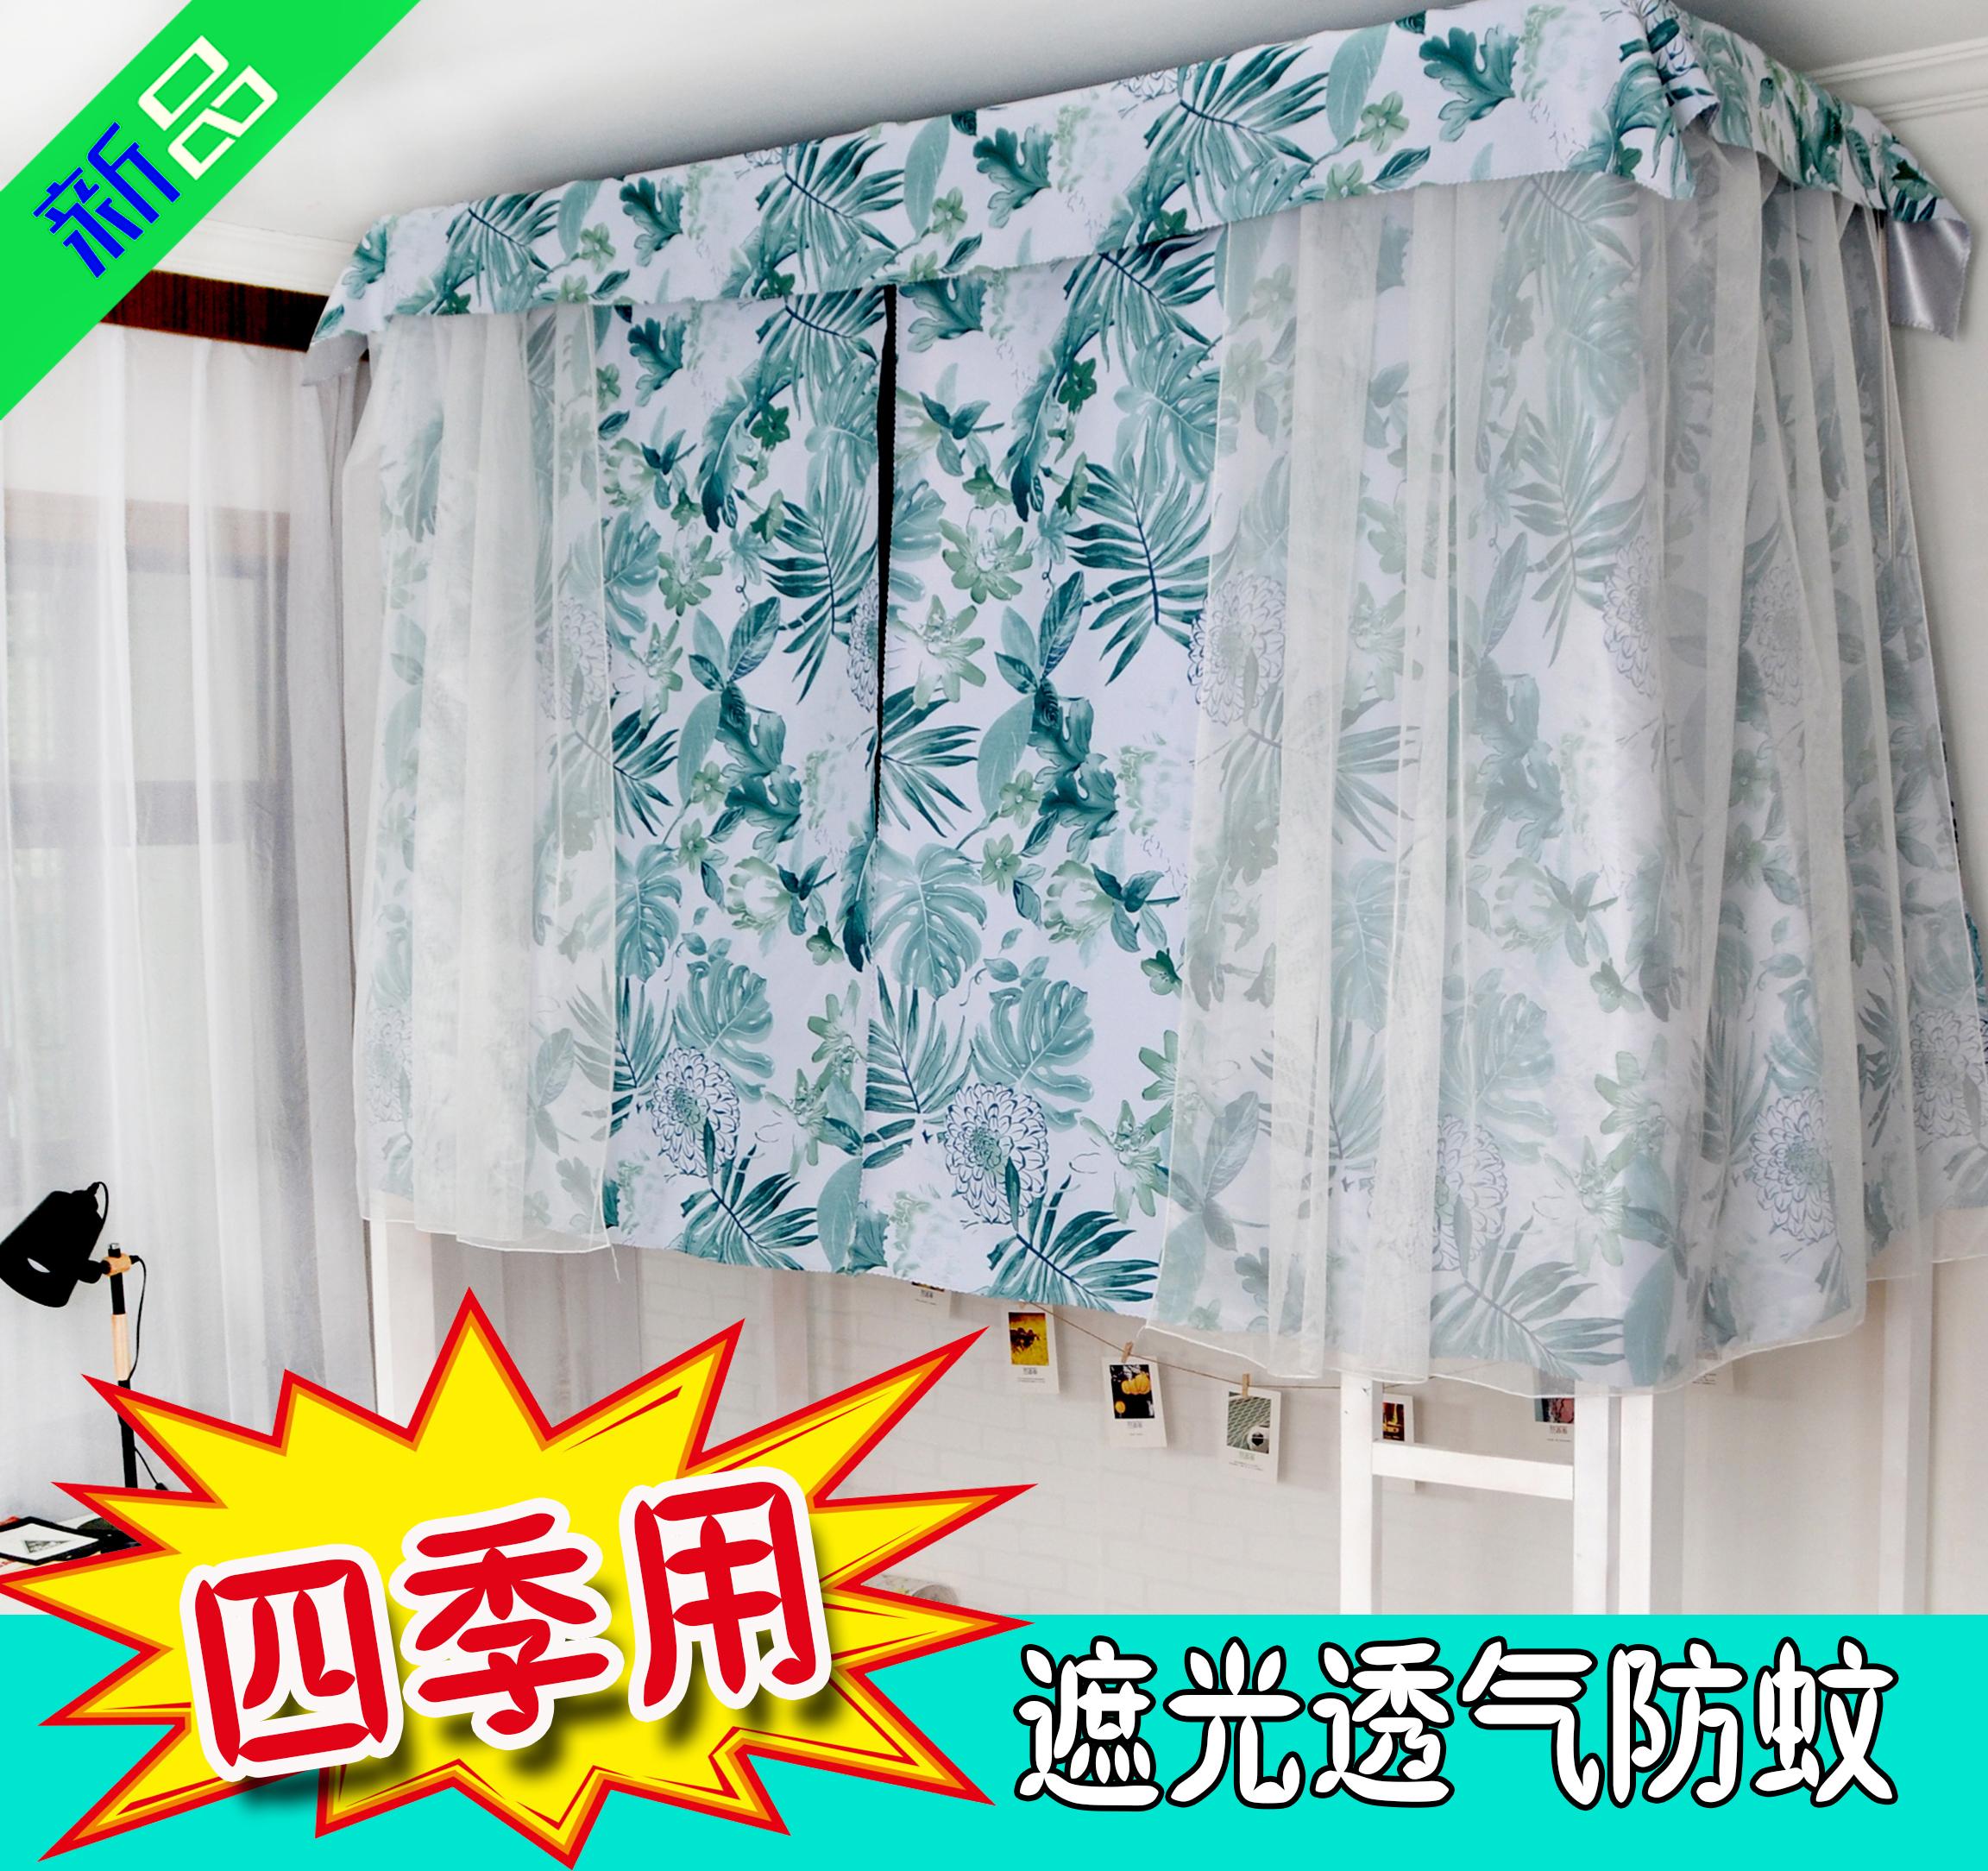 Sinh viên giường rèm muỗi net tích hợp vải bóng râm giường đơn giường rèm rèm đơn giản ins gió ký túc xá tạo tác